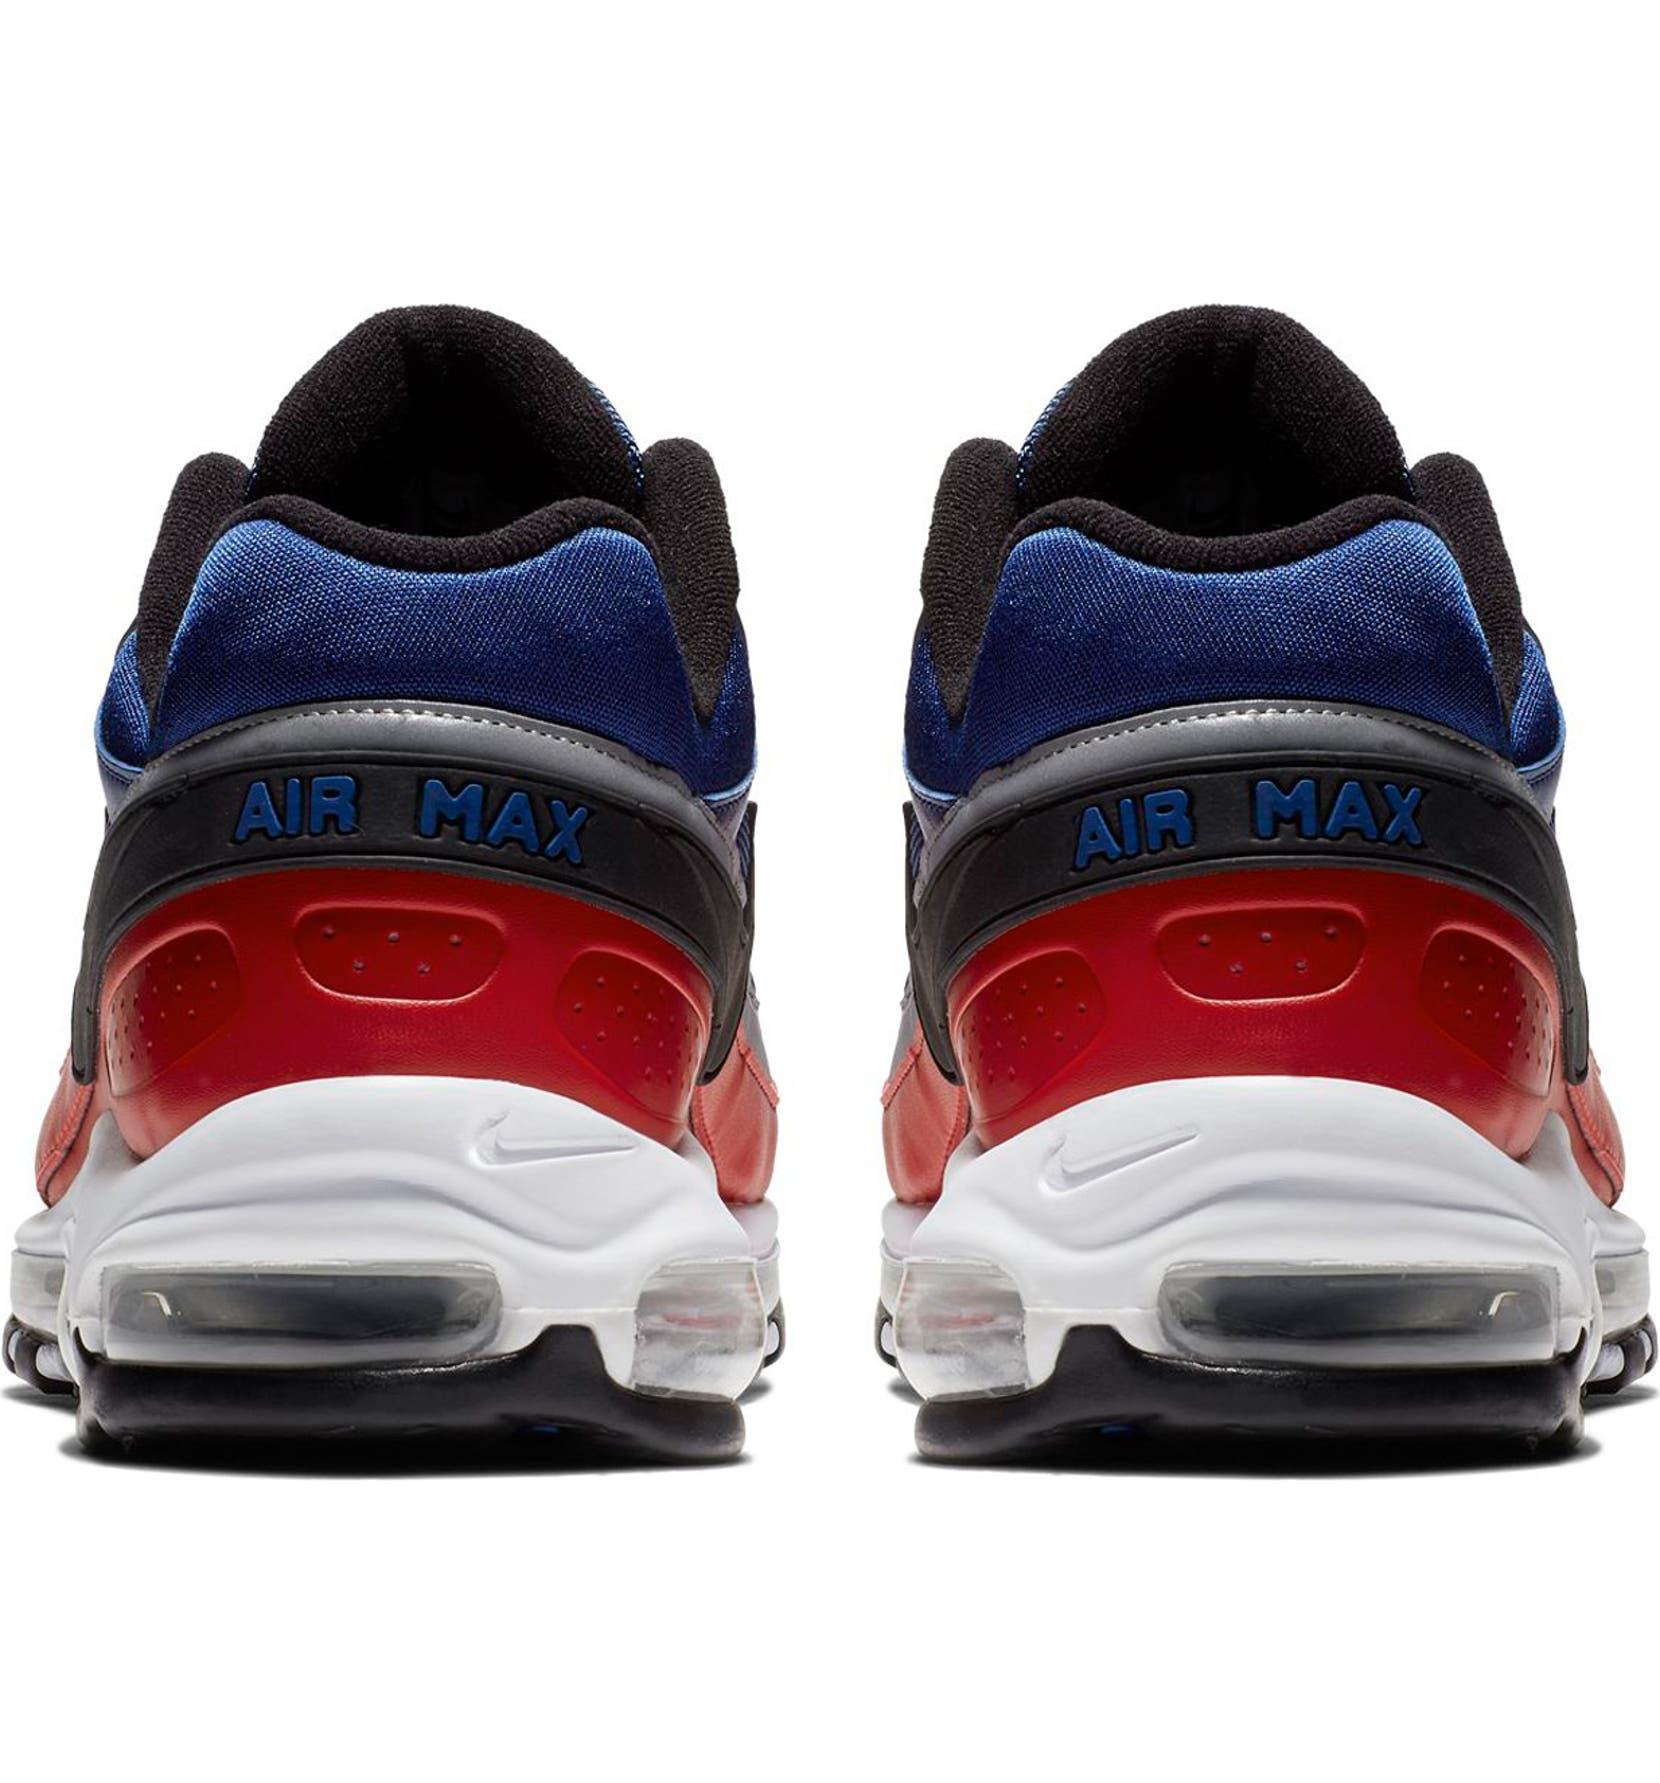 7d6fa78d9 Nike Air Max 97 BW Sneaker (Unisex)